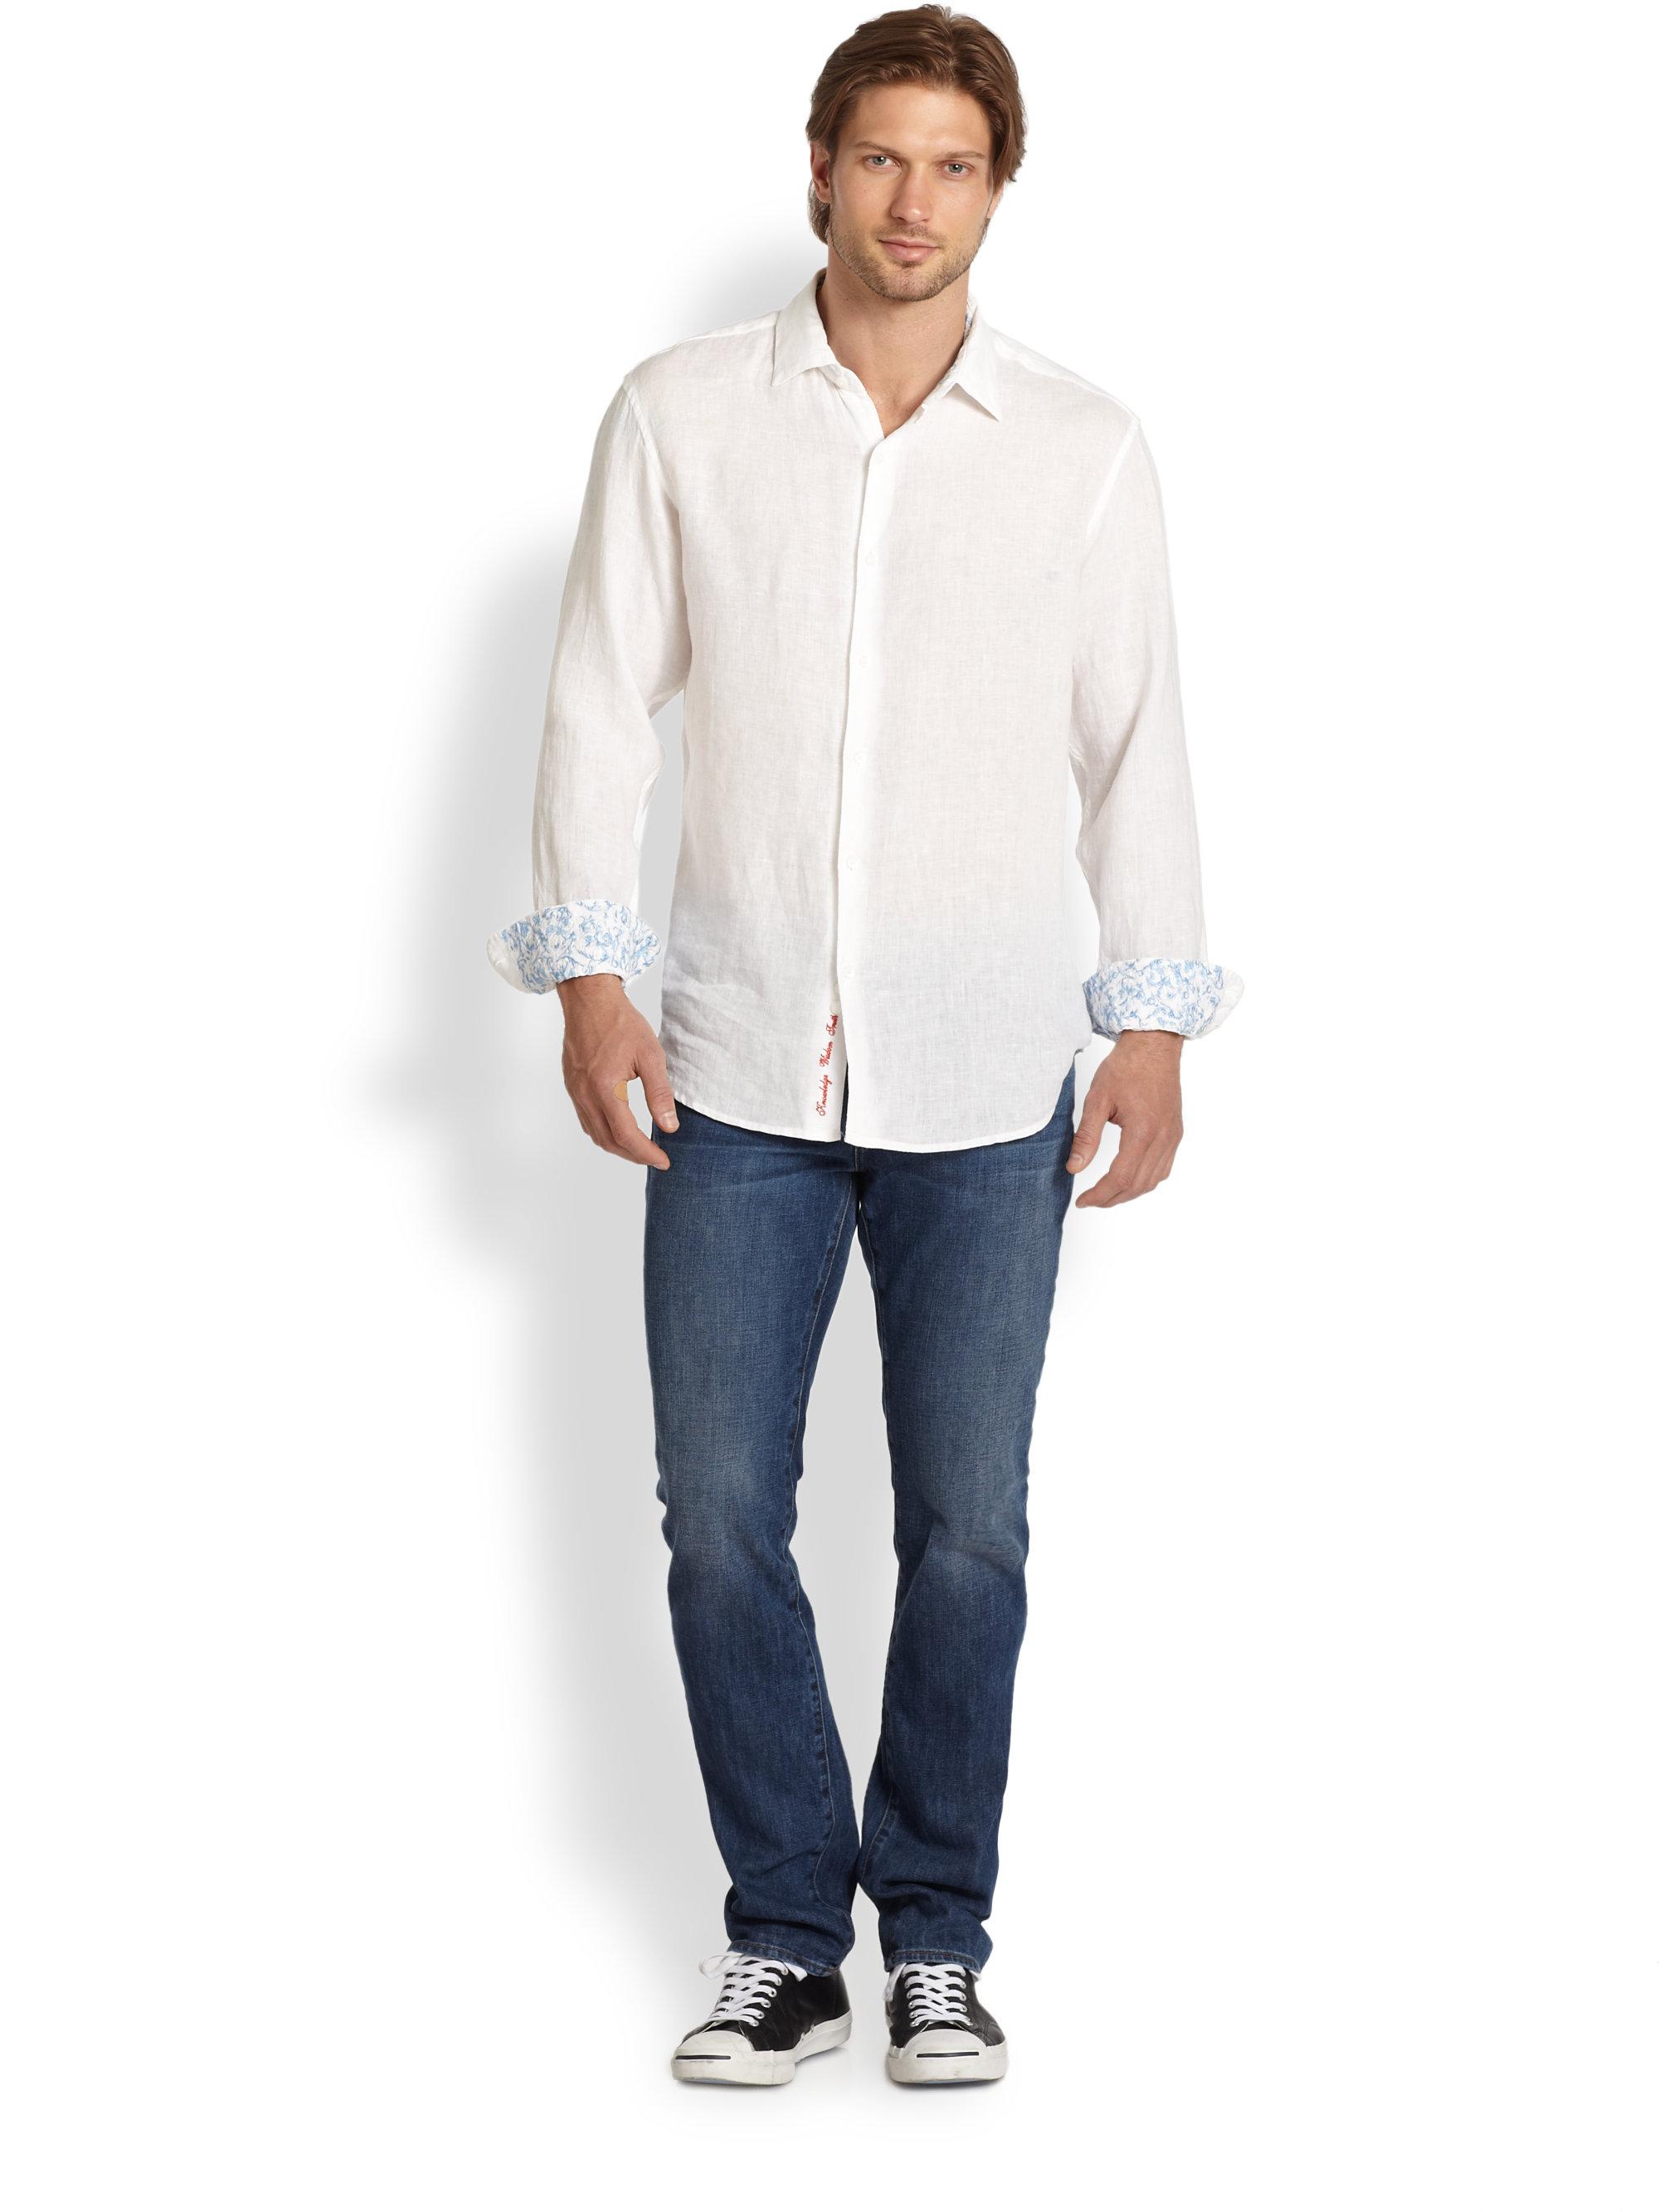 Robert Graham Embroidered Linen Shirt In White For Men Lyst